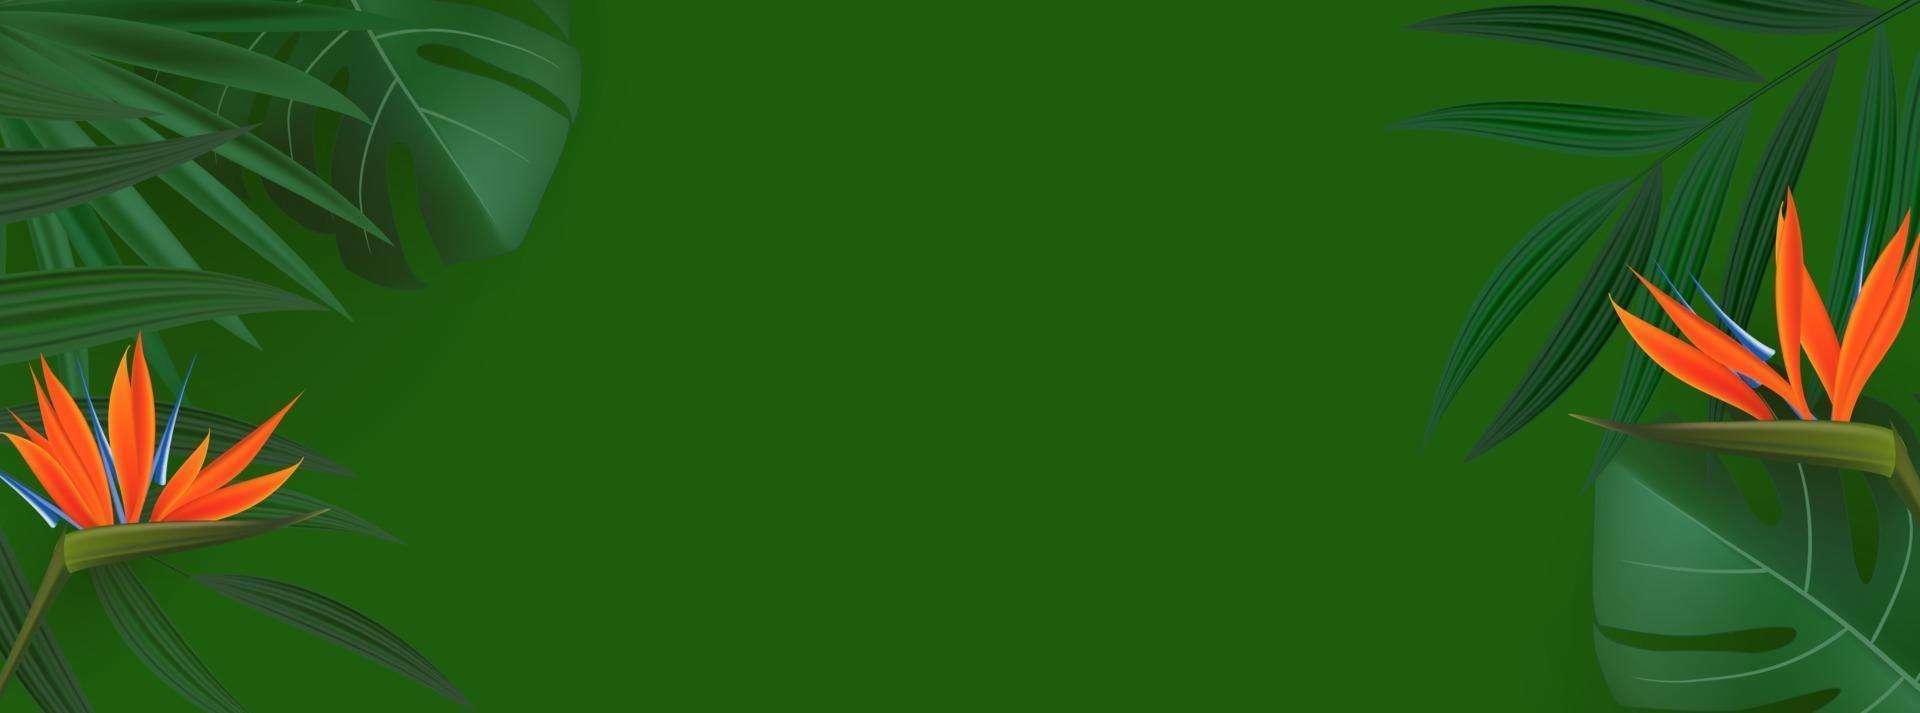 feuilles de palmier tropical vert réaliste naturel avec fond de fleur strelitzia vecteur